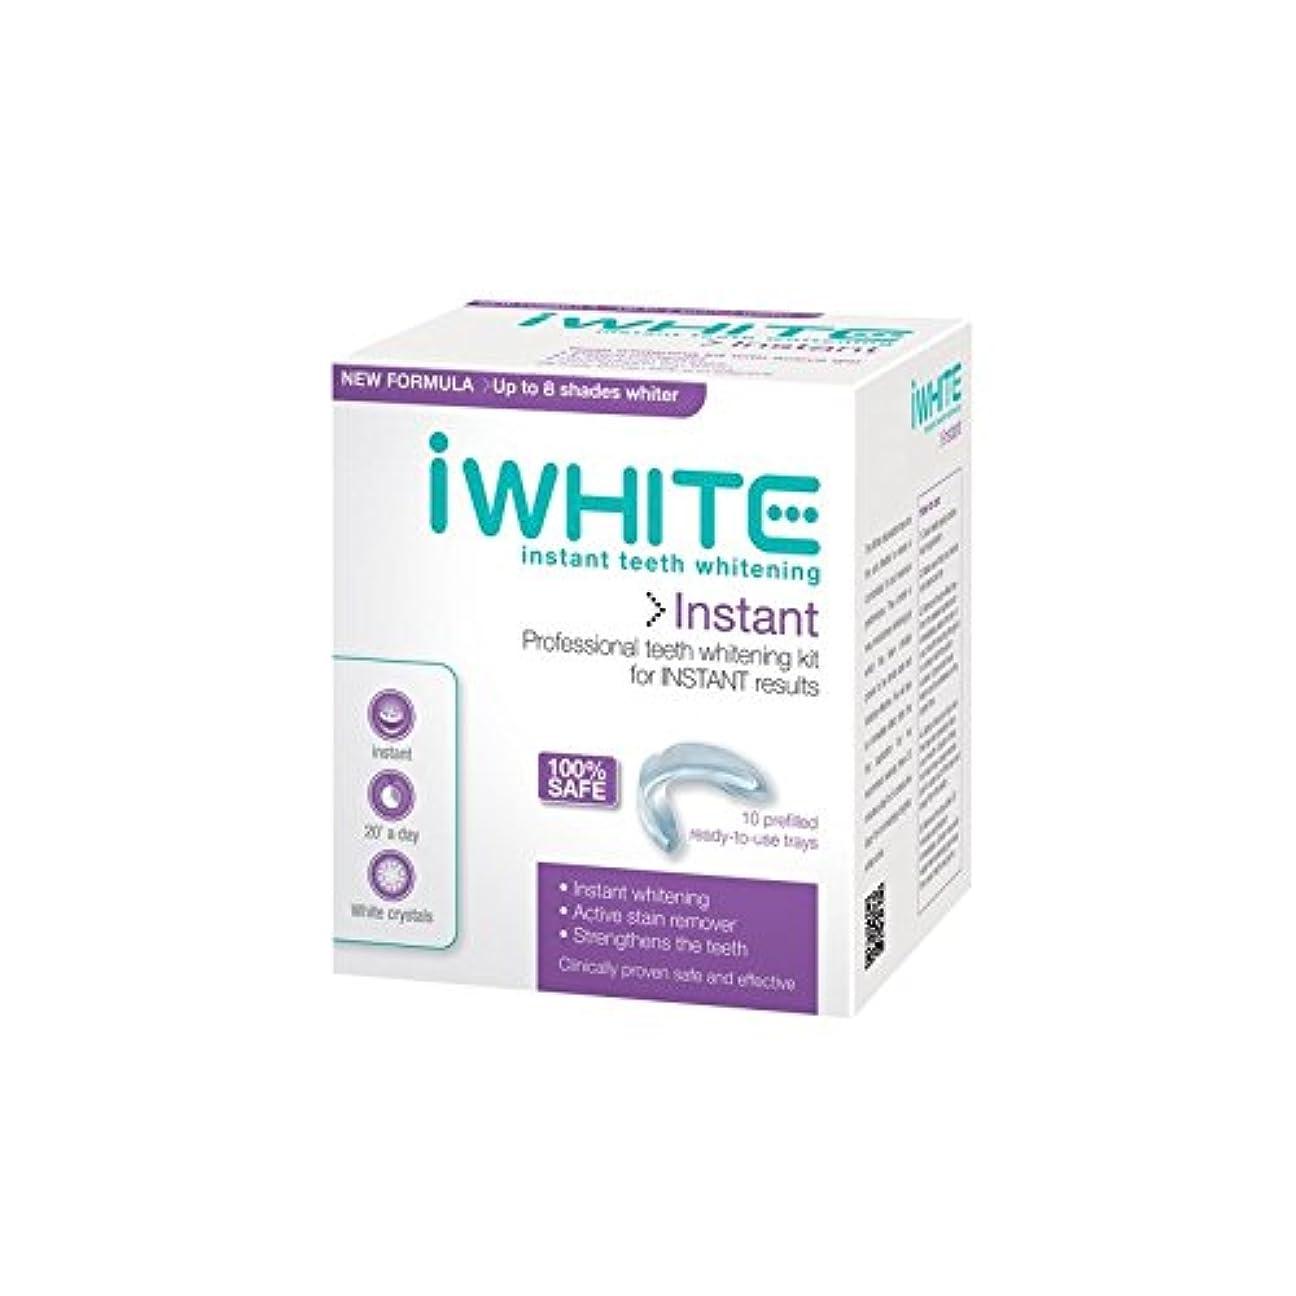 補正連鎖安全キットを白くするインスタントプロの歯(10個のトレー) x4 - iWhite Instant Professional Teeth Whitening Kit (10 Trays) (Pack of 4) [並行輸入品]